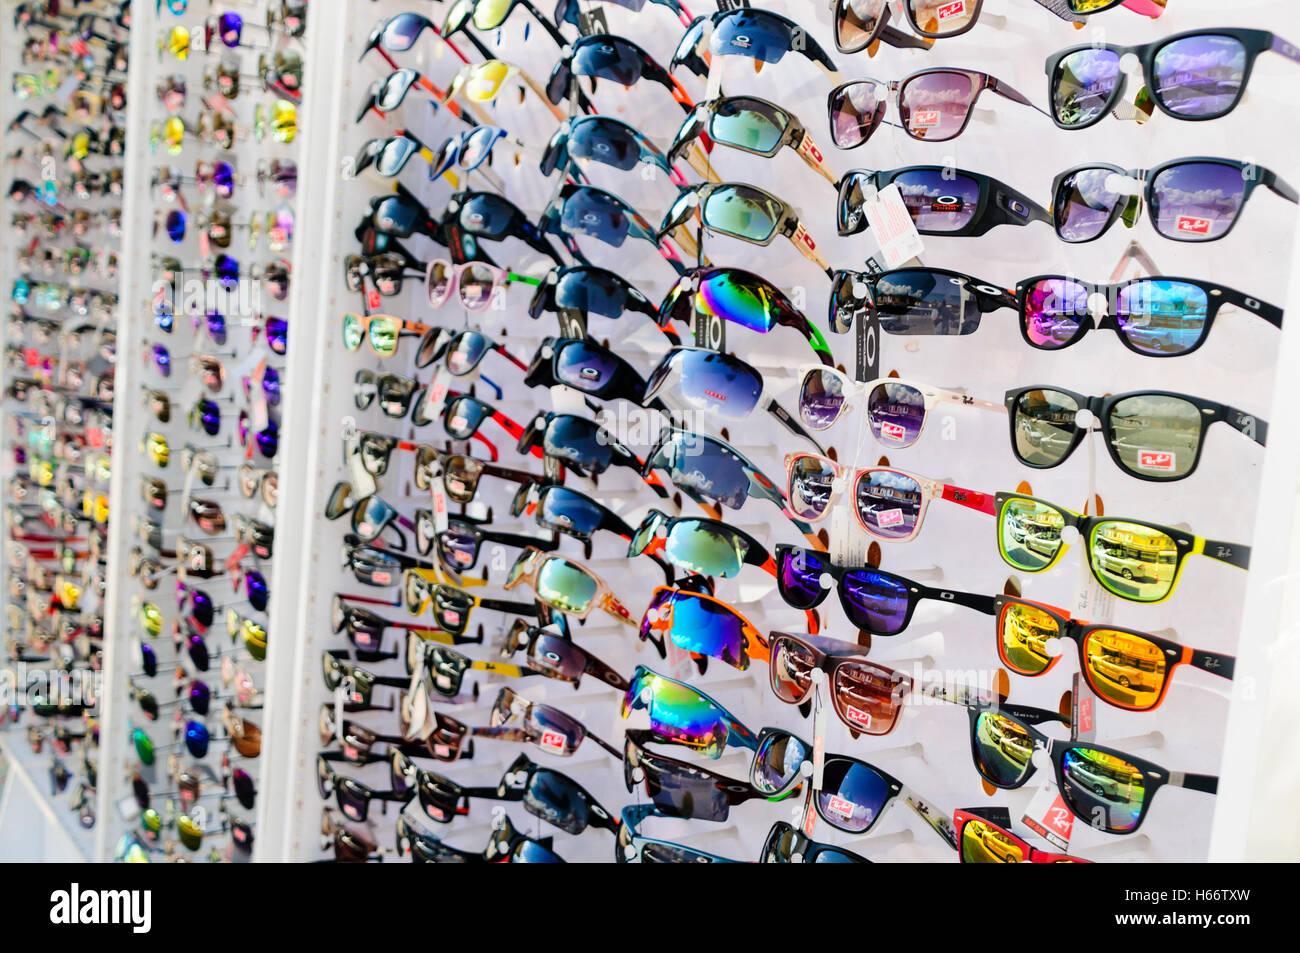 Tienda en Turquía la venta de falsificaciones y Rayban Oakley gafas de sol.  Imagen De 3cfbdd9a8e0c3